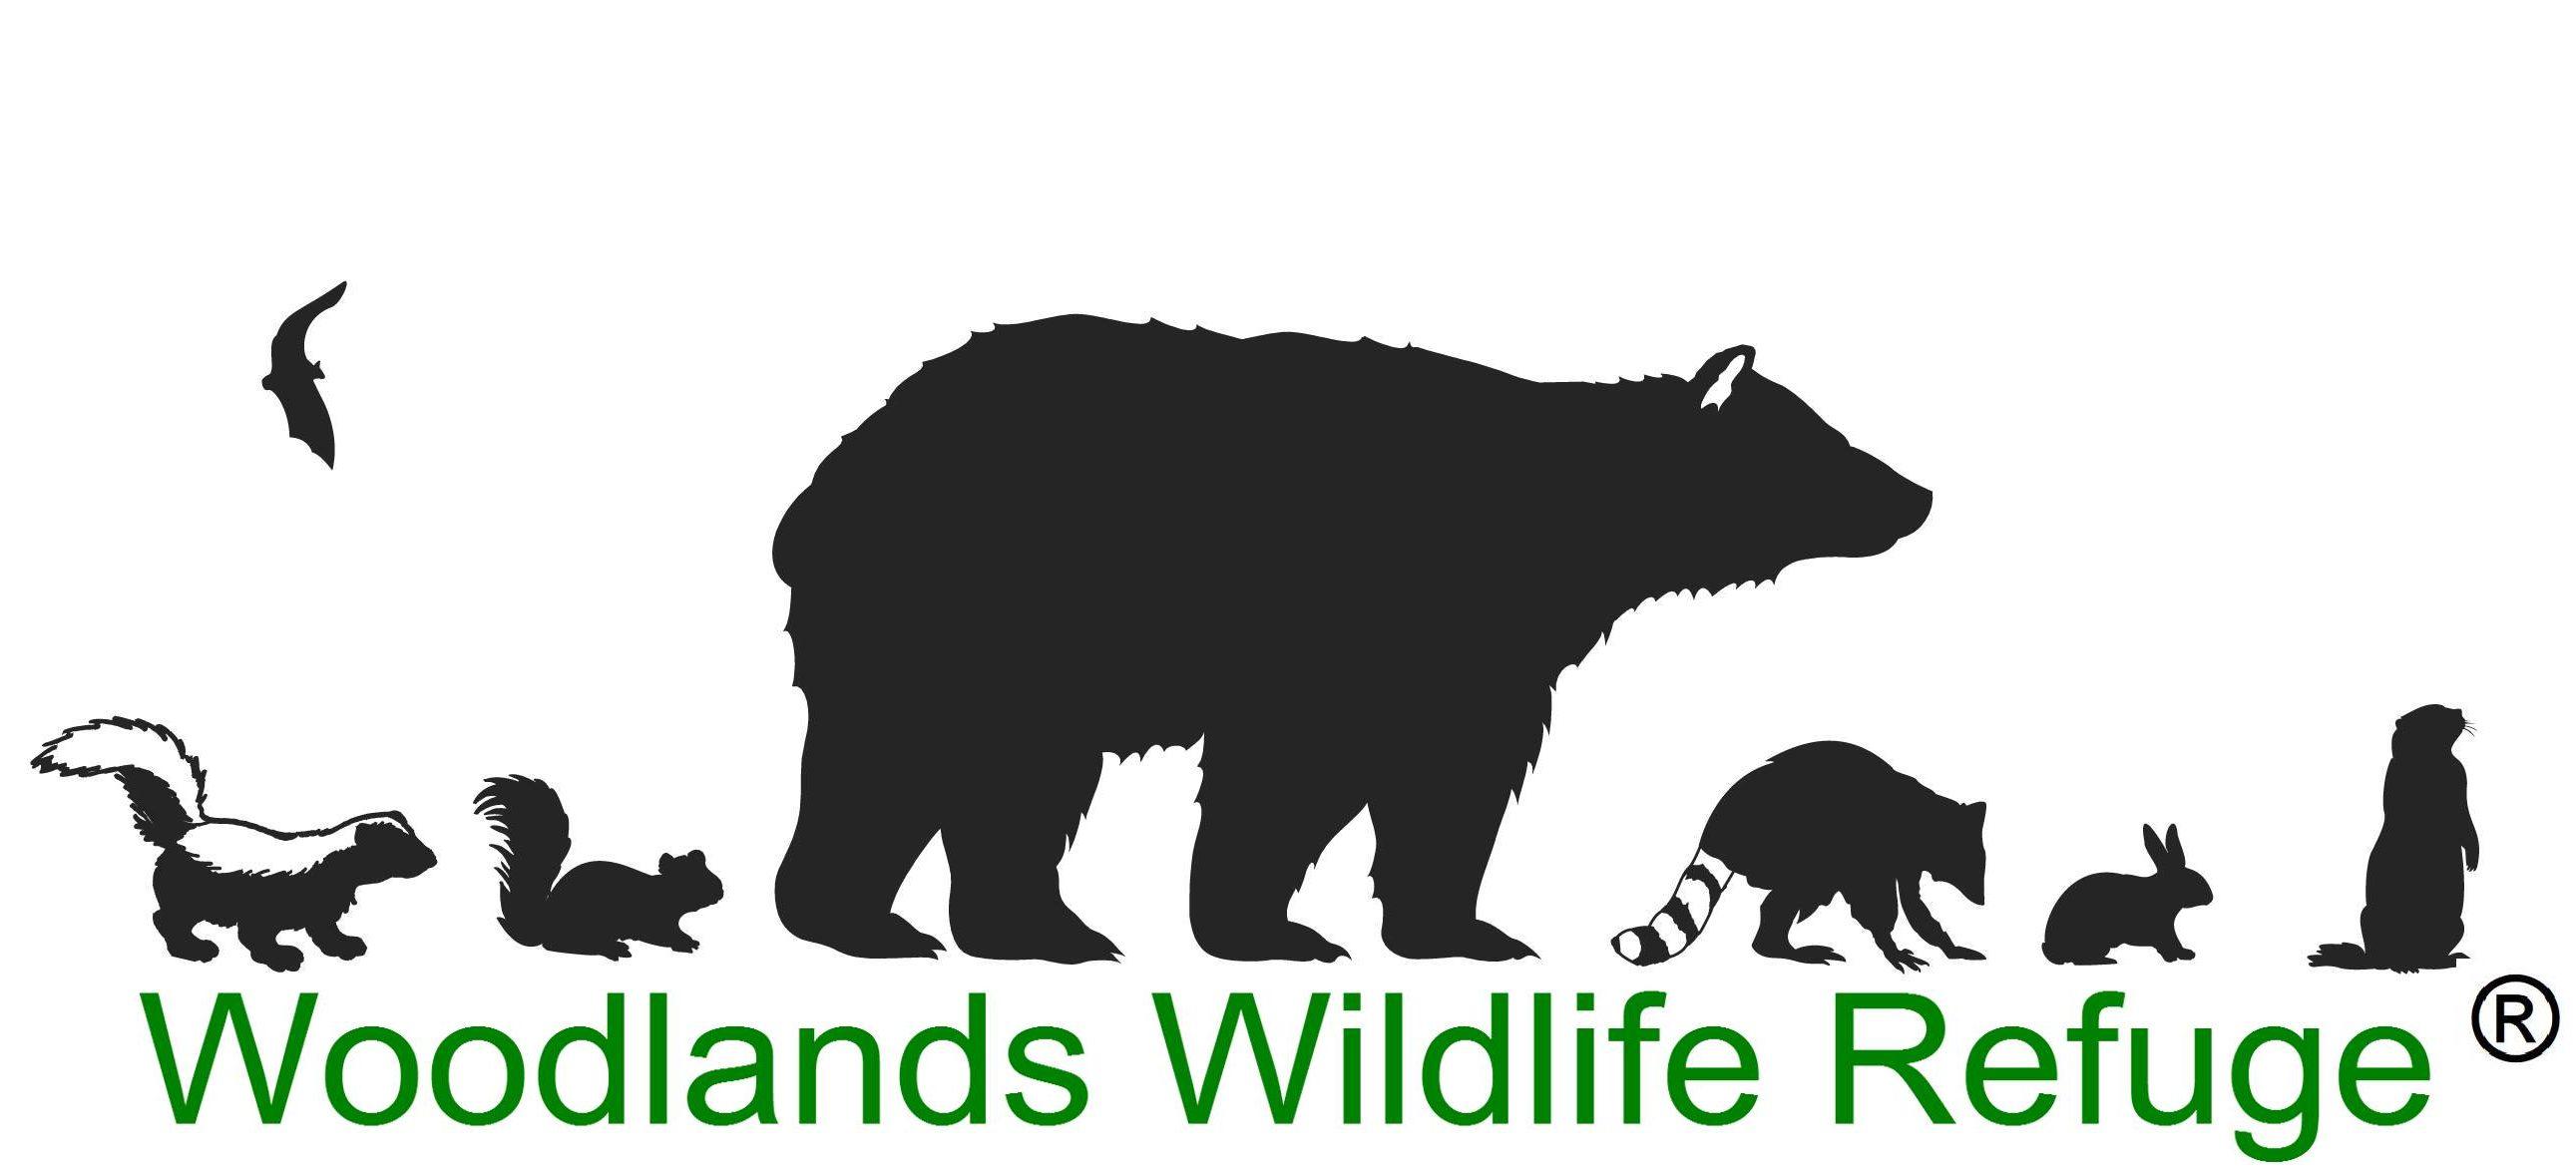 Woodlands Wildlife Refuge